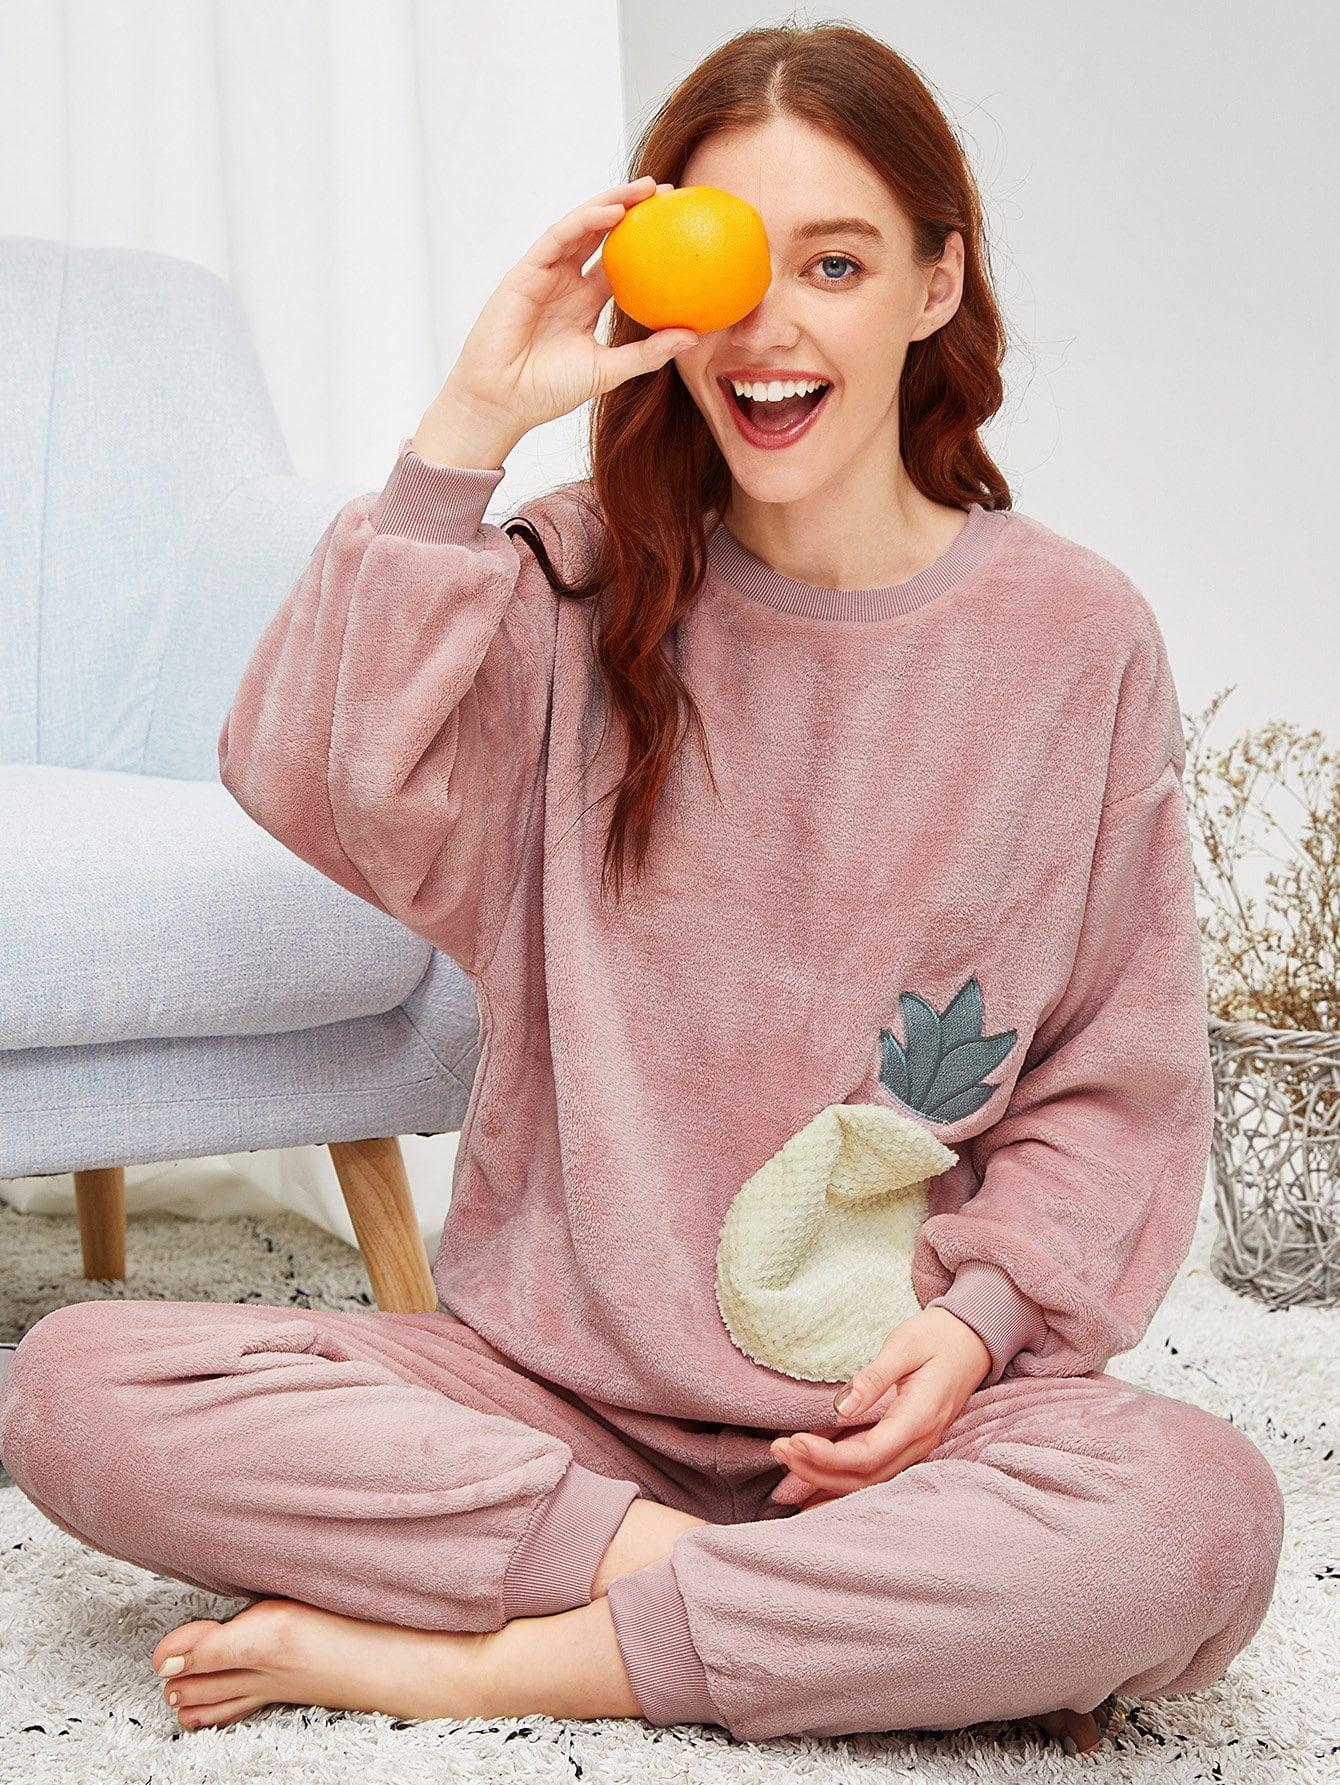 Купить Пушистая пижама с принтом вышитого ананаса, Poly, SheIn